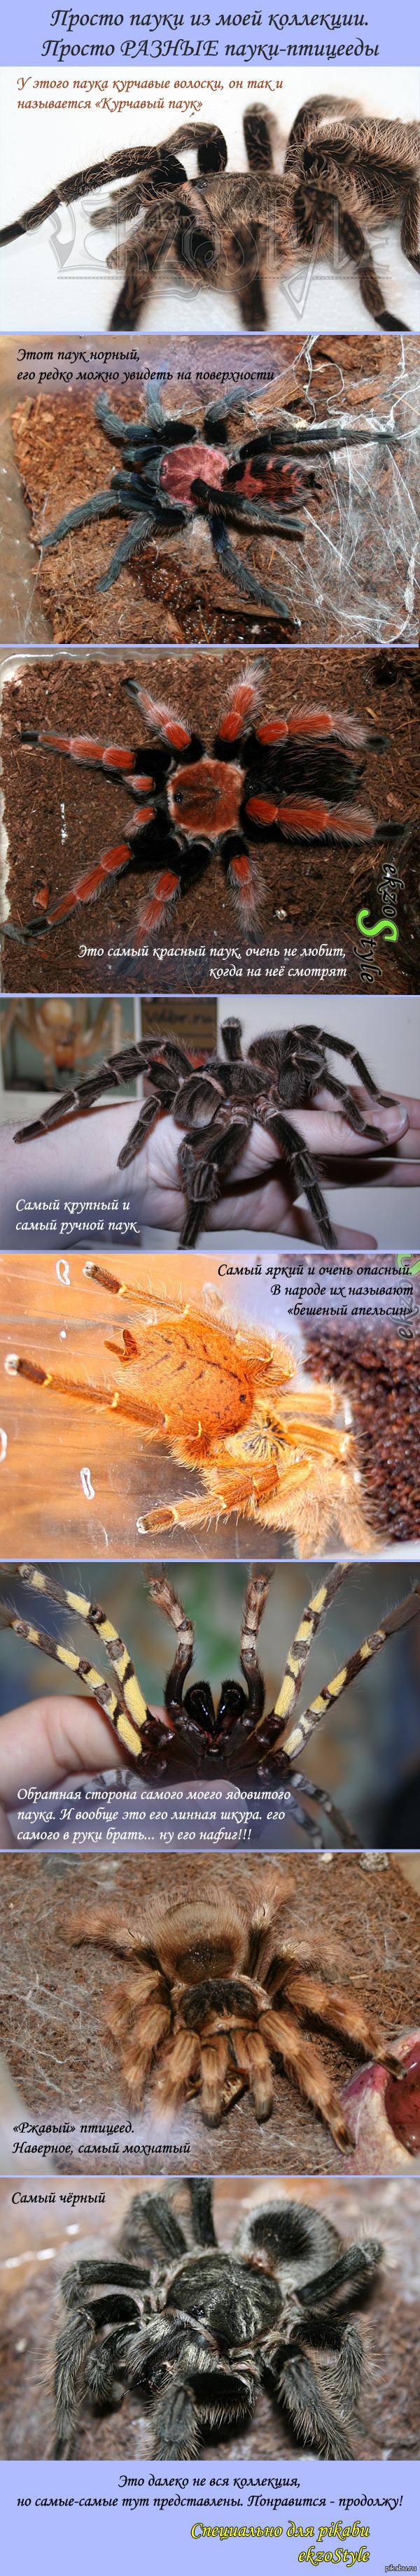 А вы боитесь пауков? Когда-то оказалось, что птицееды очень разнообразны и по-своему интересны. Смотрите сами...